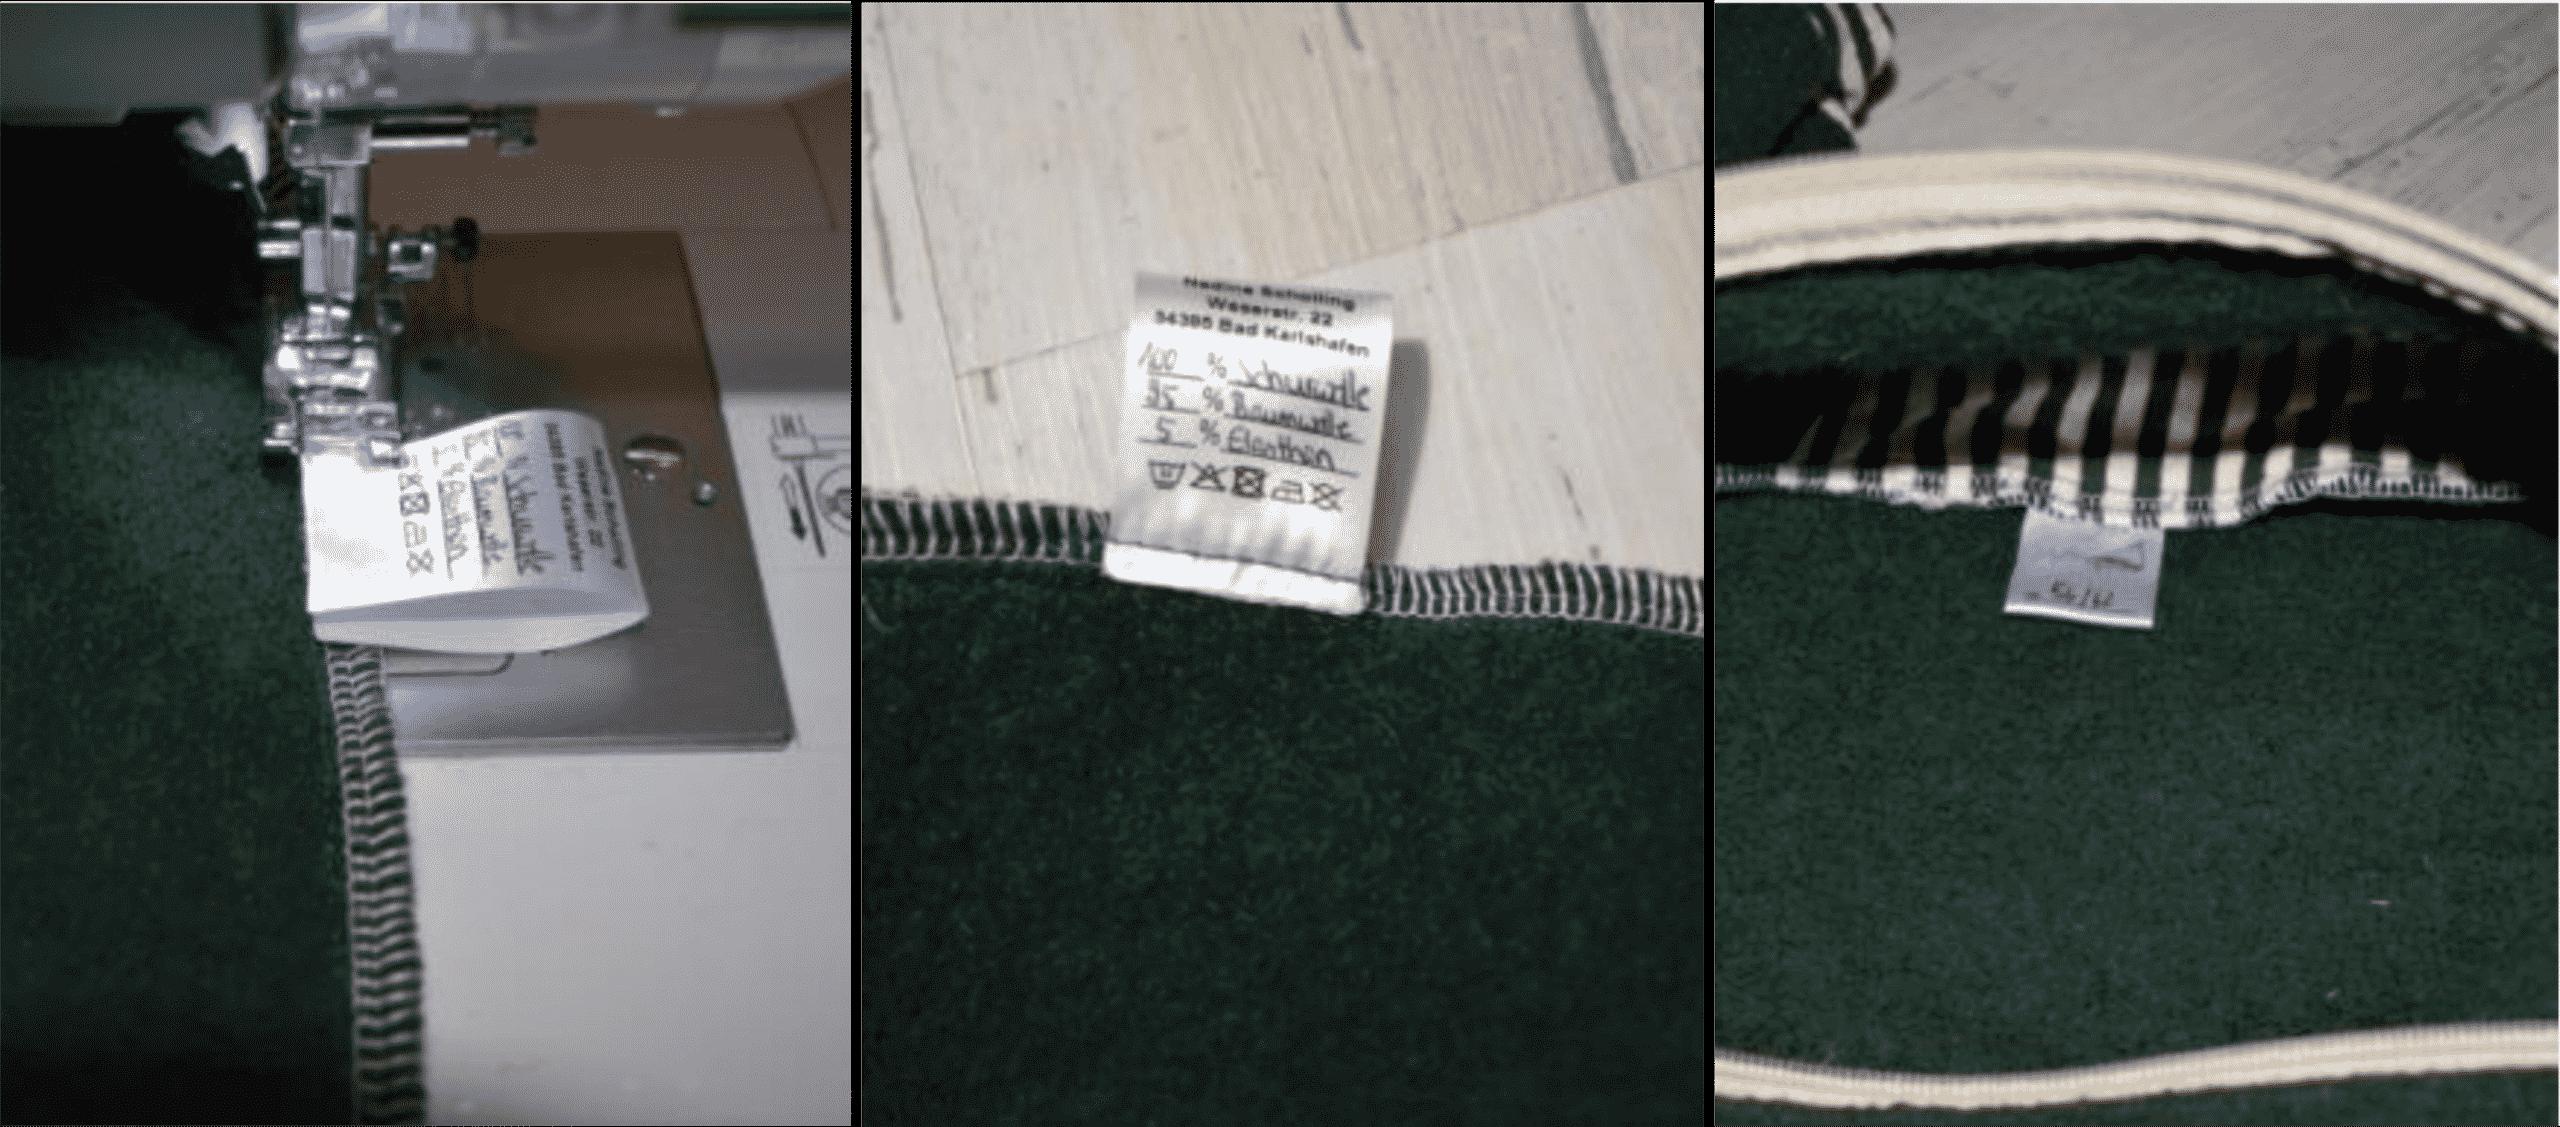 Anleitung zum Einnähen von Textiletiketten Anleitung Bild 1